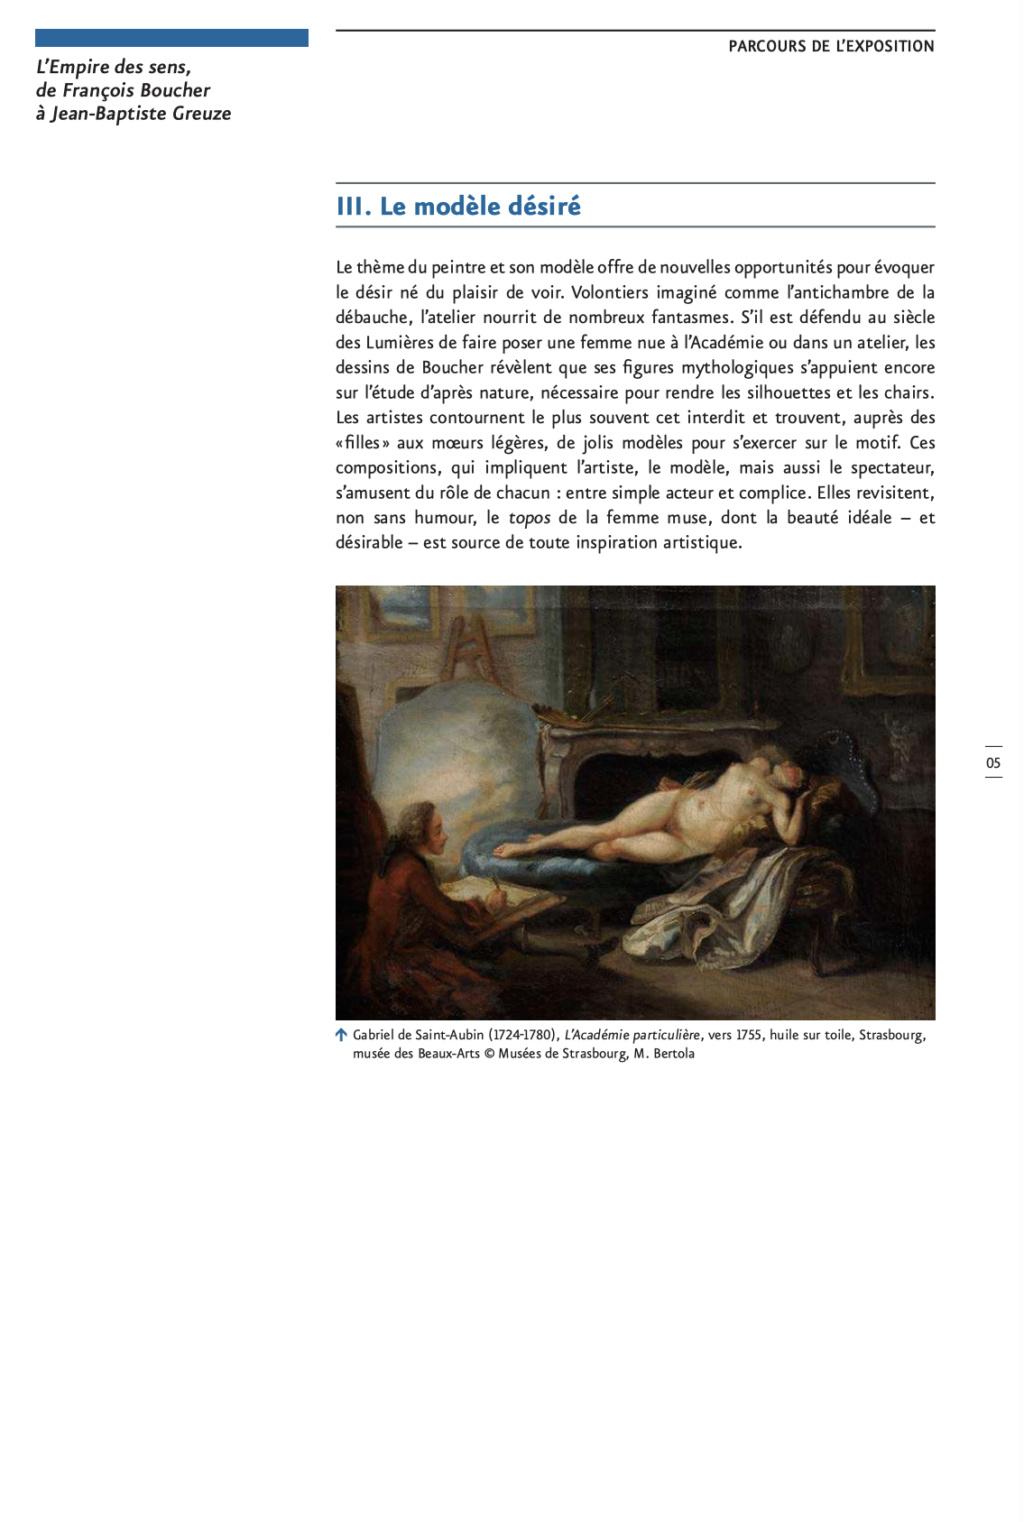 Exposition : L'Empire des sens, de François Boucher à Jean-Baptiste Greuze, au musée Cognacq-Jay Capt2868